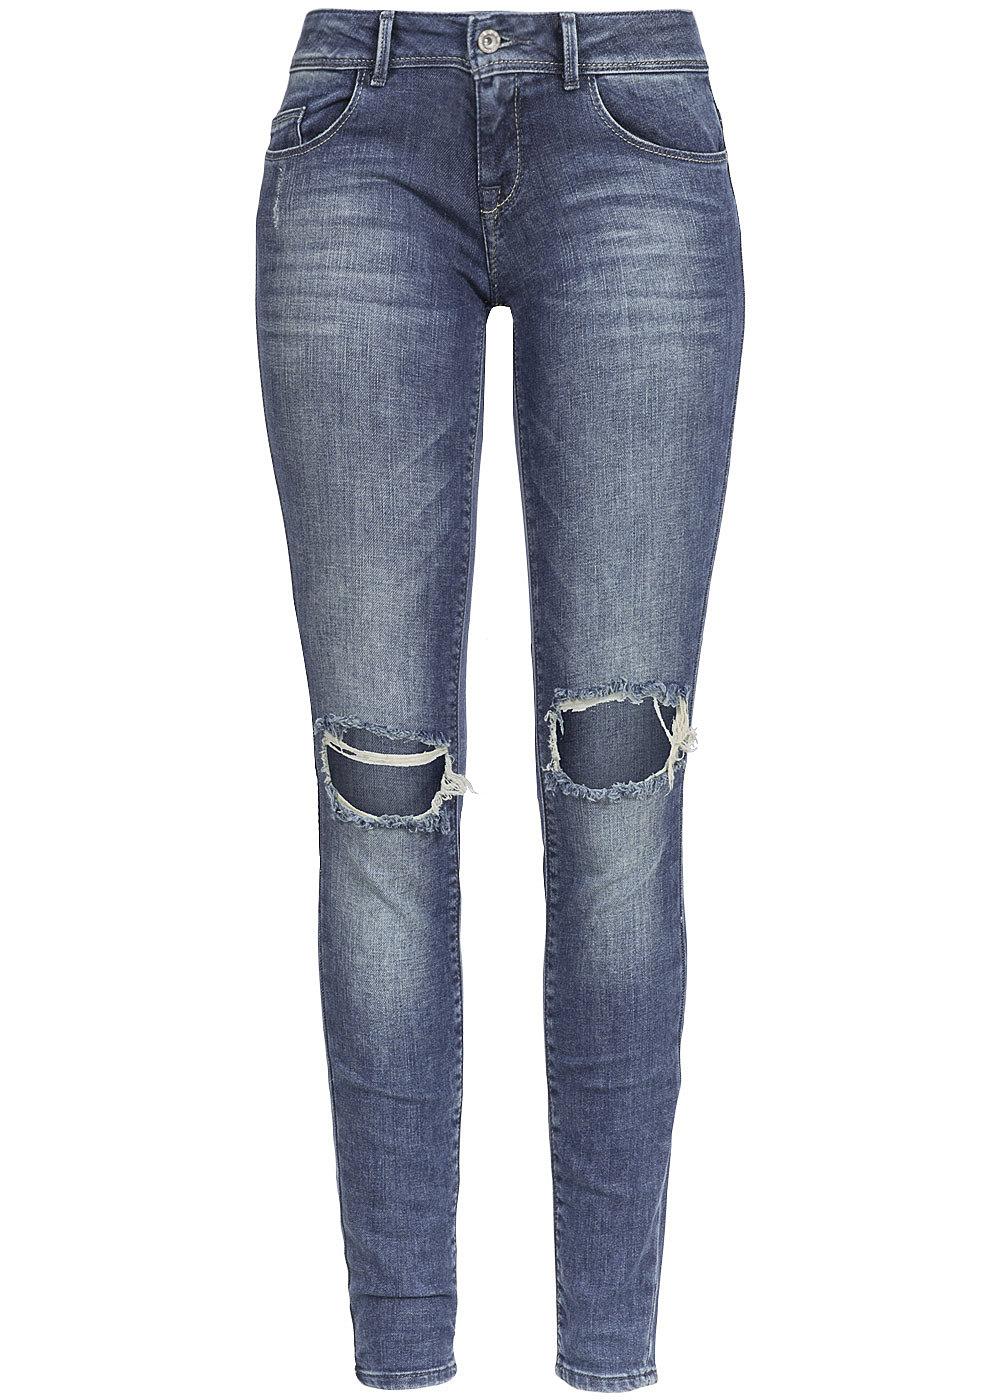 only damen skinny jeans coral 15110325 destroy look 5 pocket med blue denim 77onlineshop. Black Bedroom Furniture Sets. Home Design Ideas